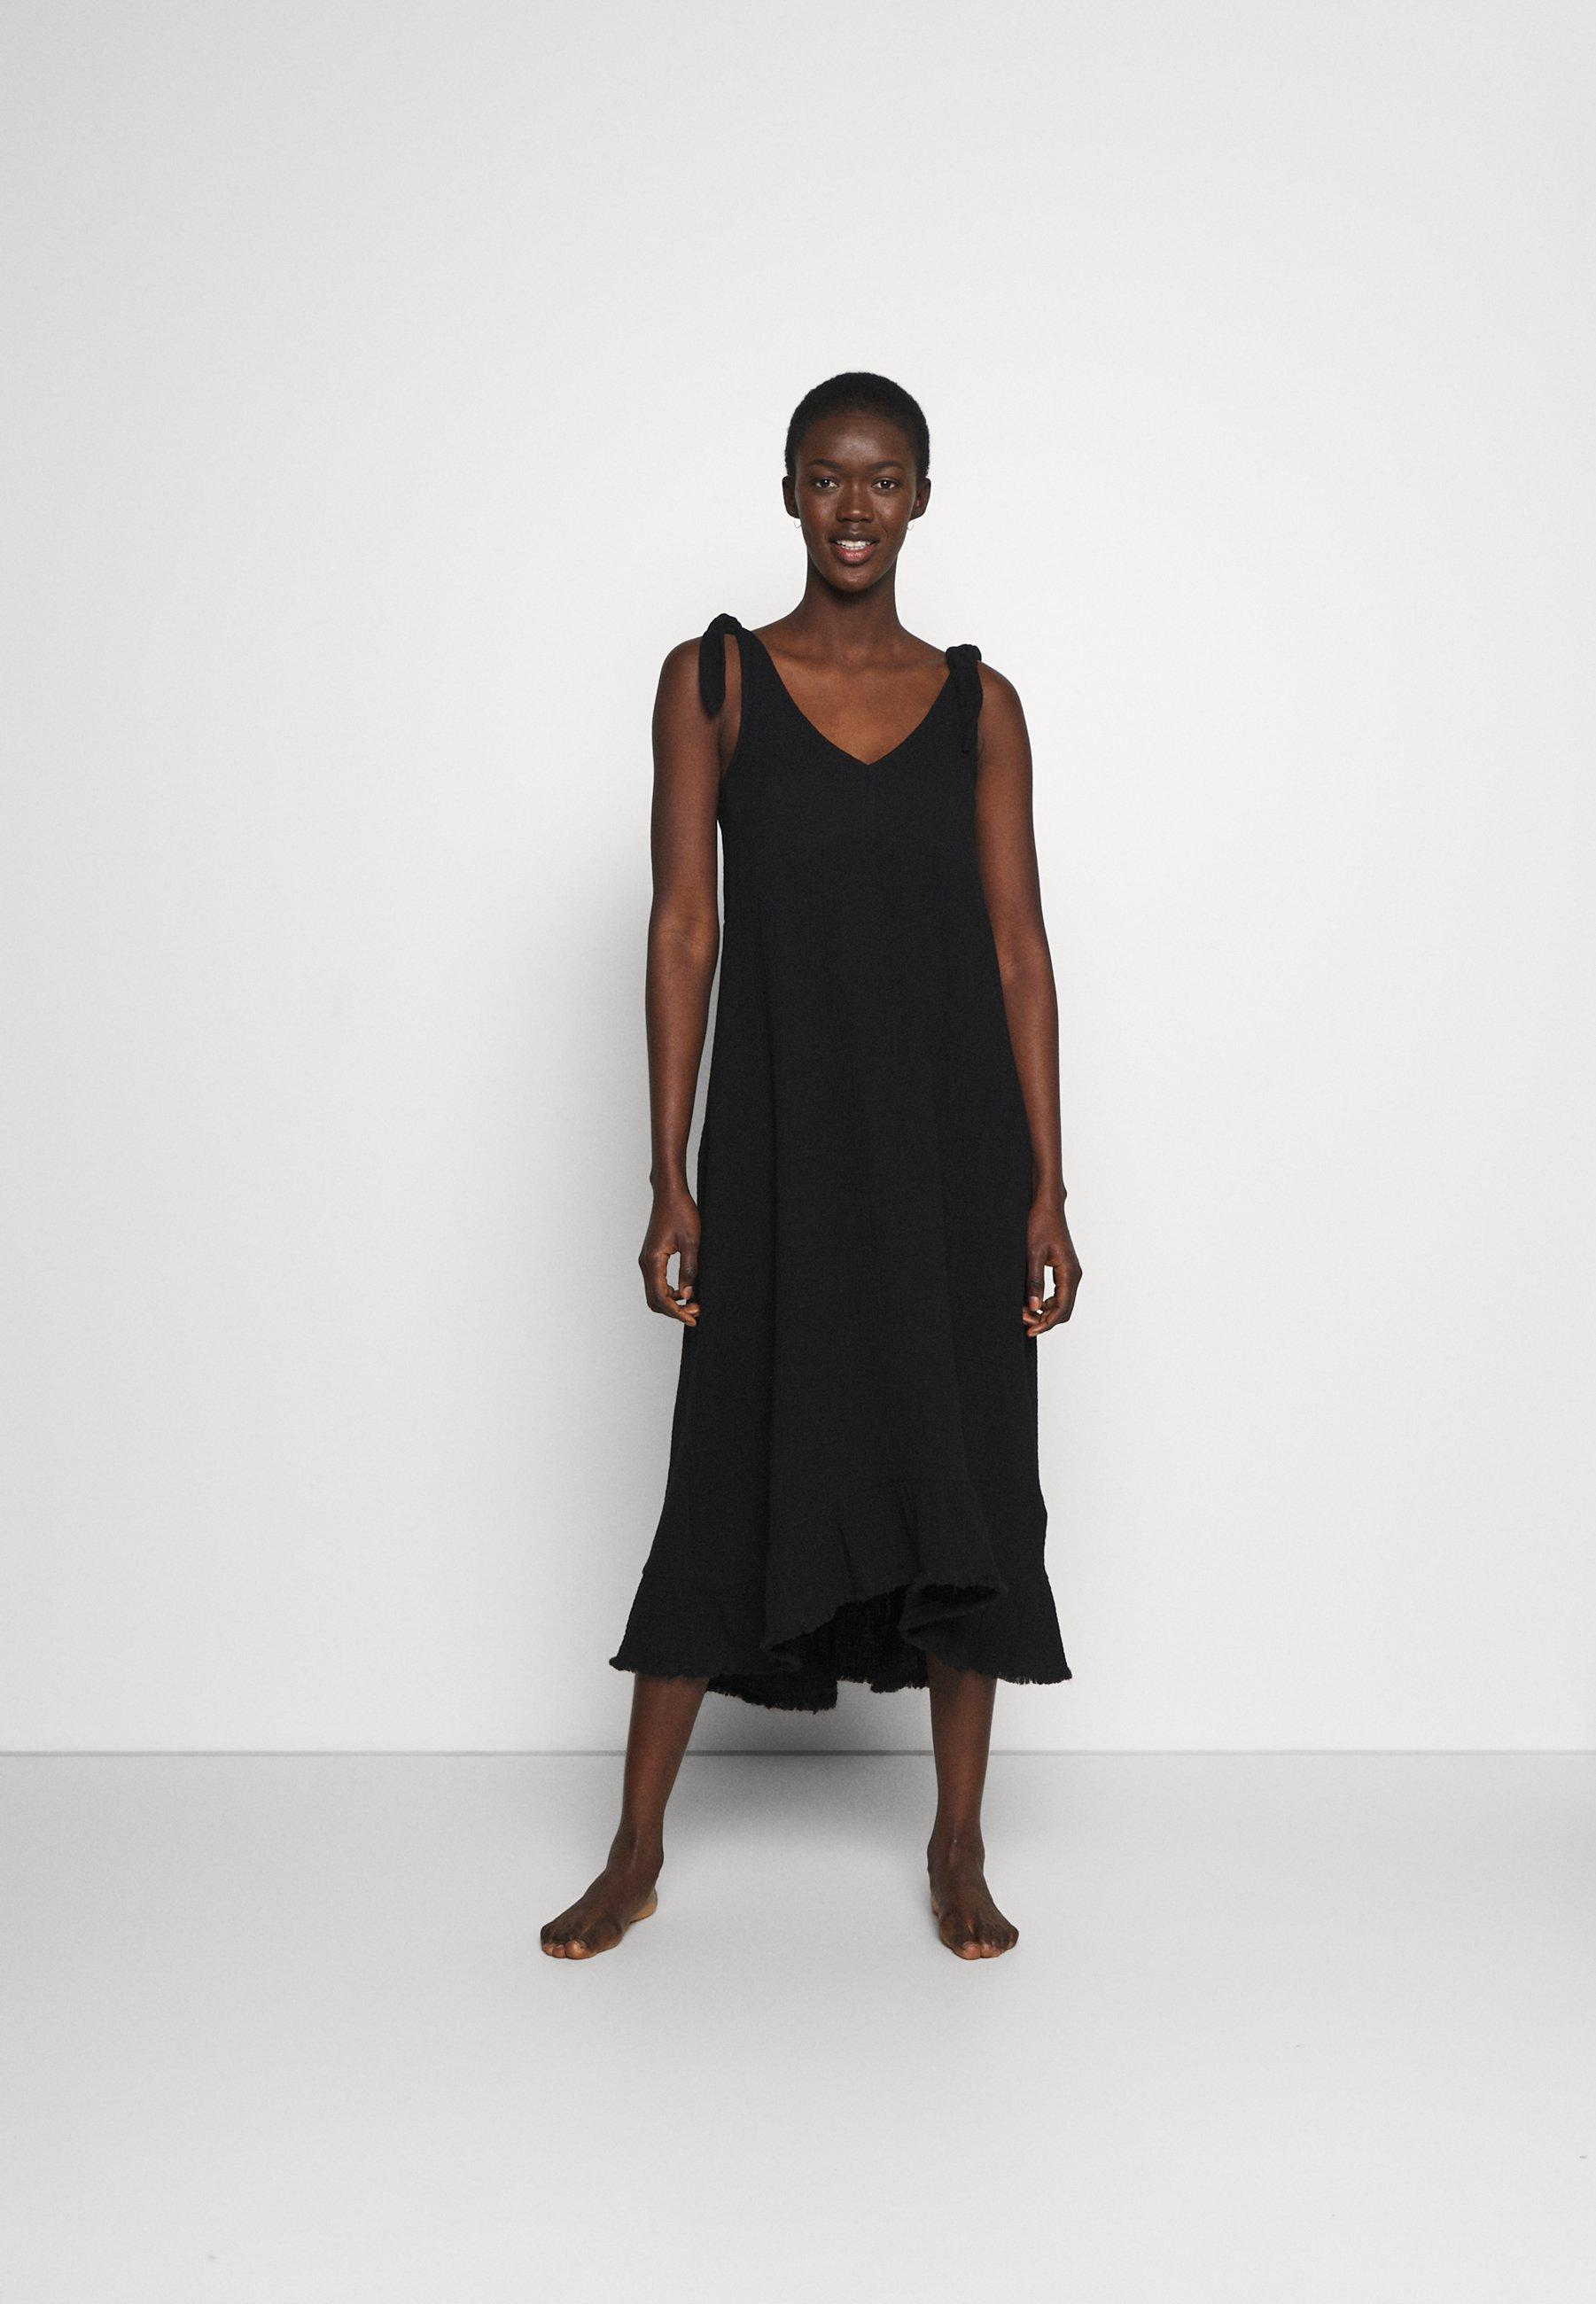 Donna BEACH EDIT ESPLANADE SLIP DRESS - Accessorio da spiaggia